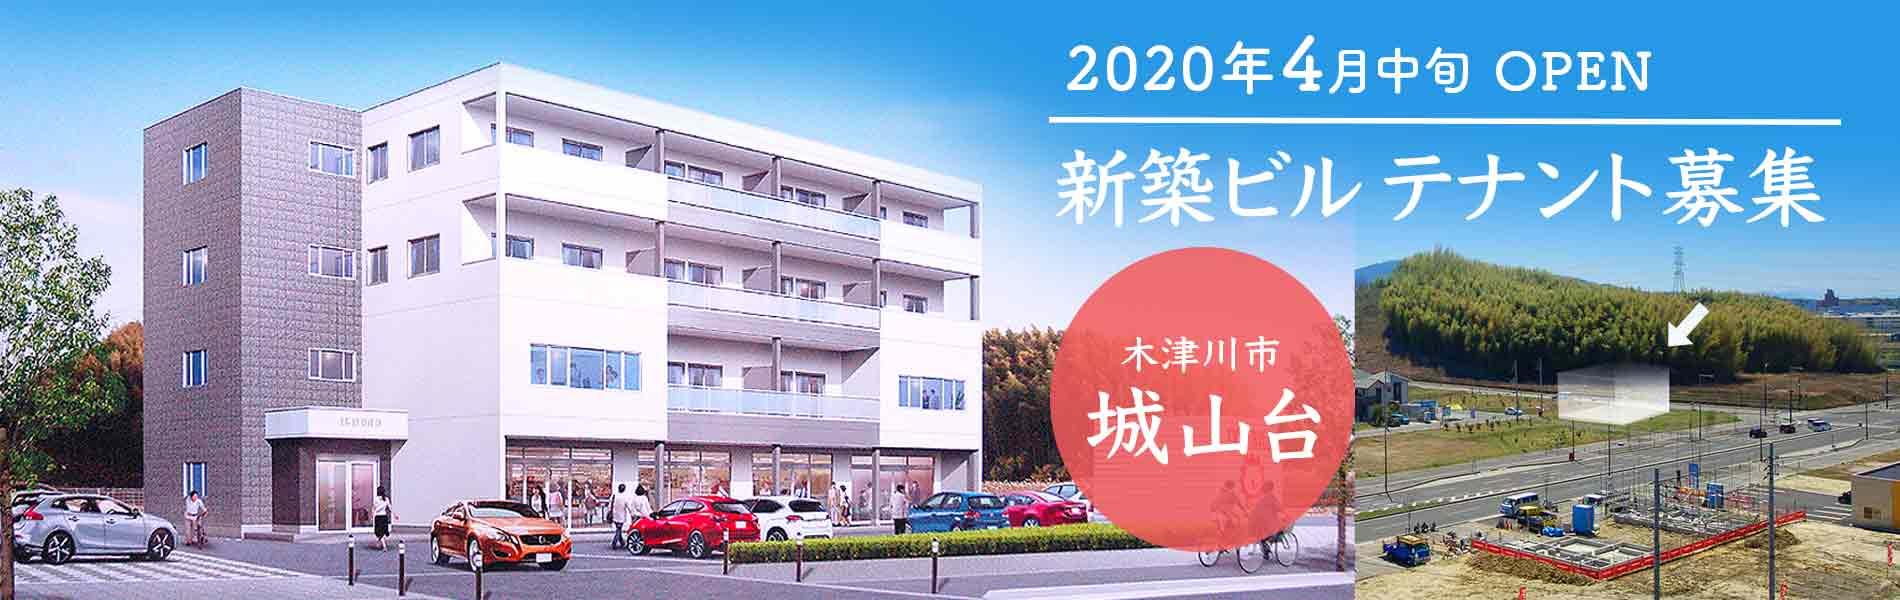 木津川市城山台の新築ビル・テナント募集